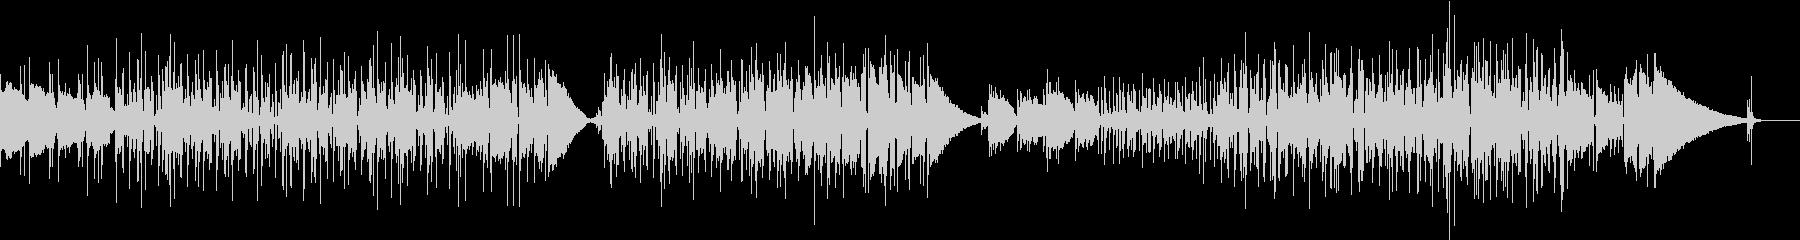 アコギ ローファイ ジャズ風の曲の未再生の波形